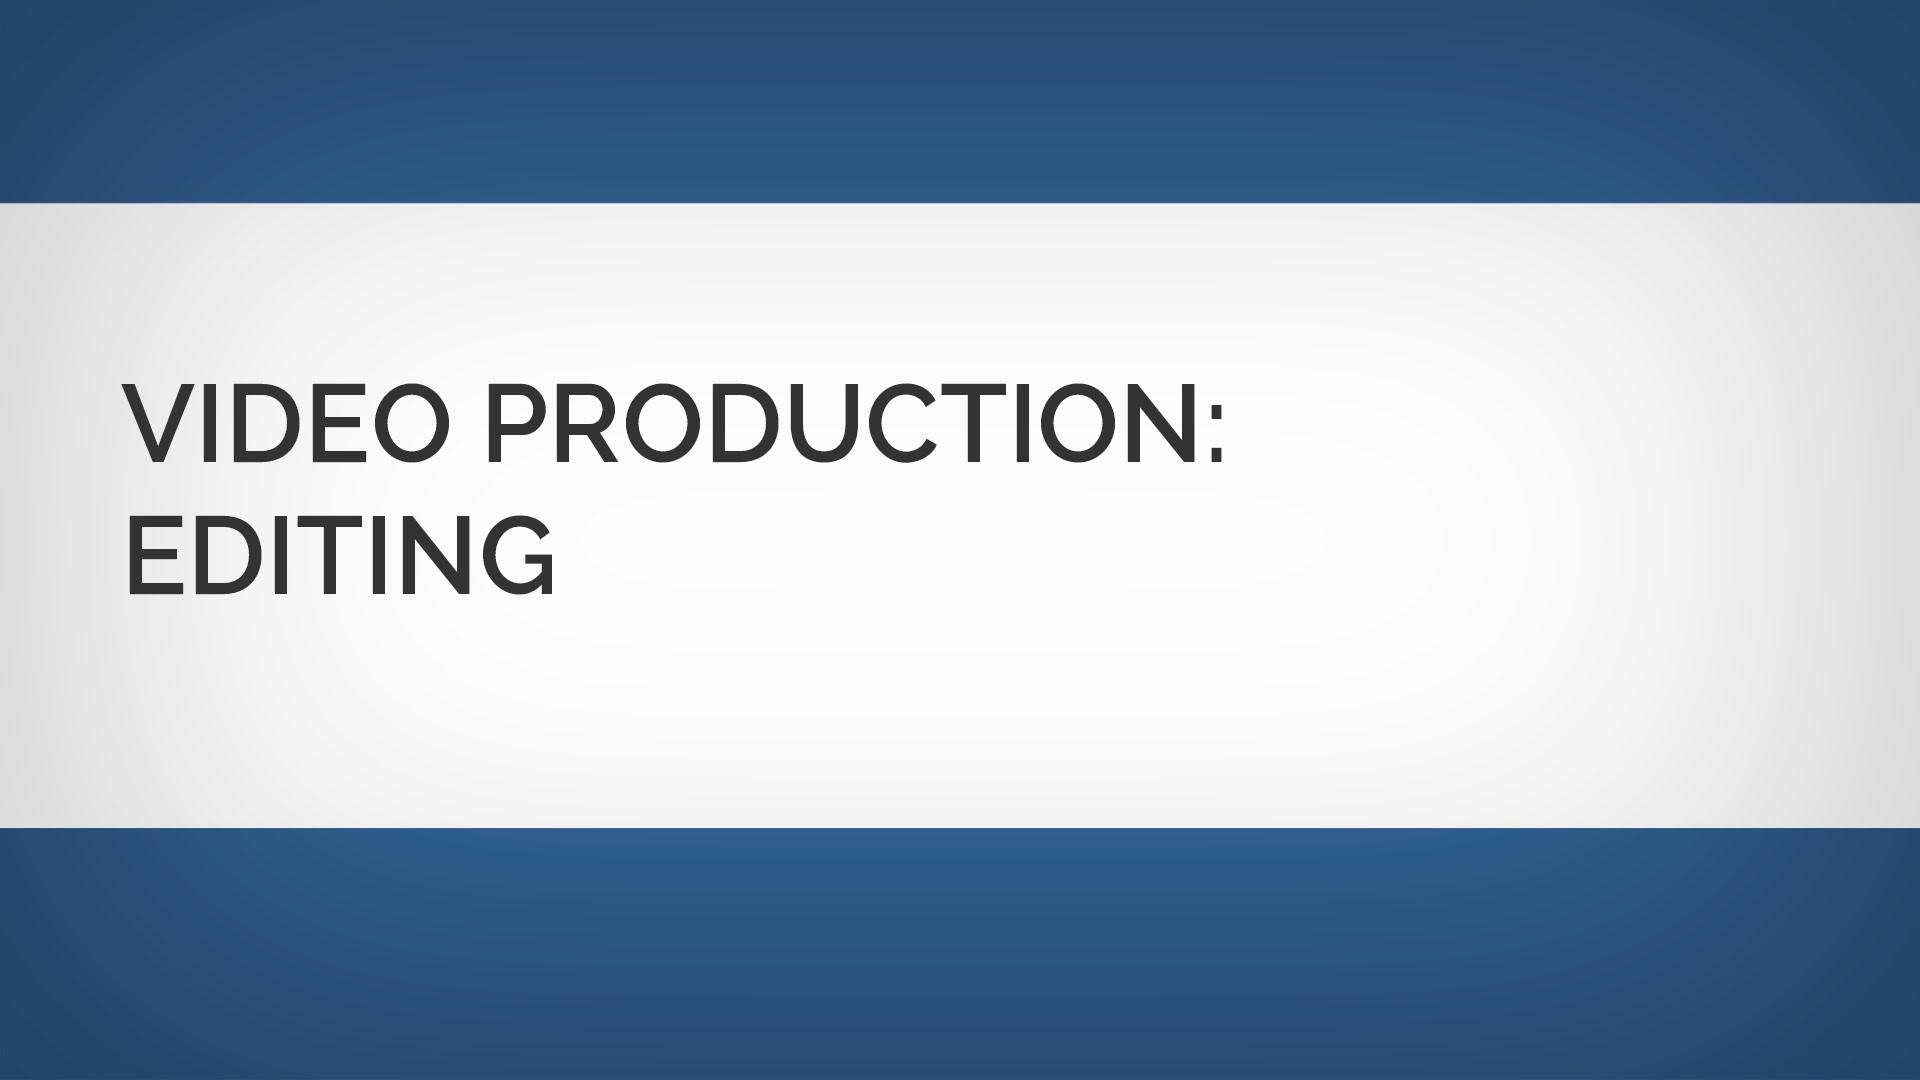 ビデオ制作:あなたのビデオを編集する